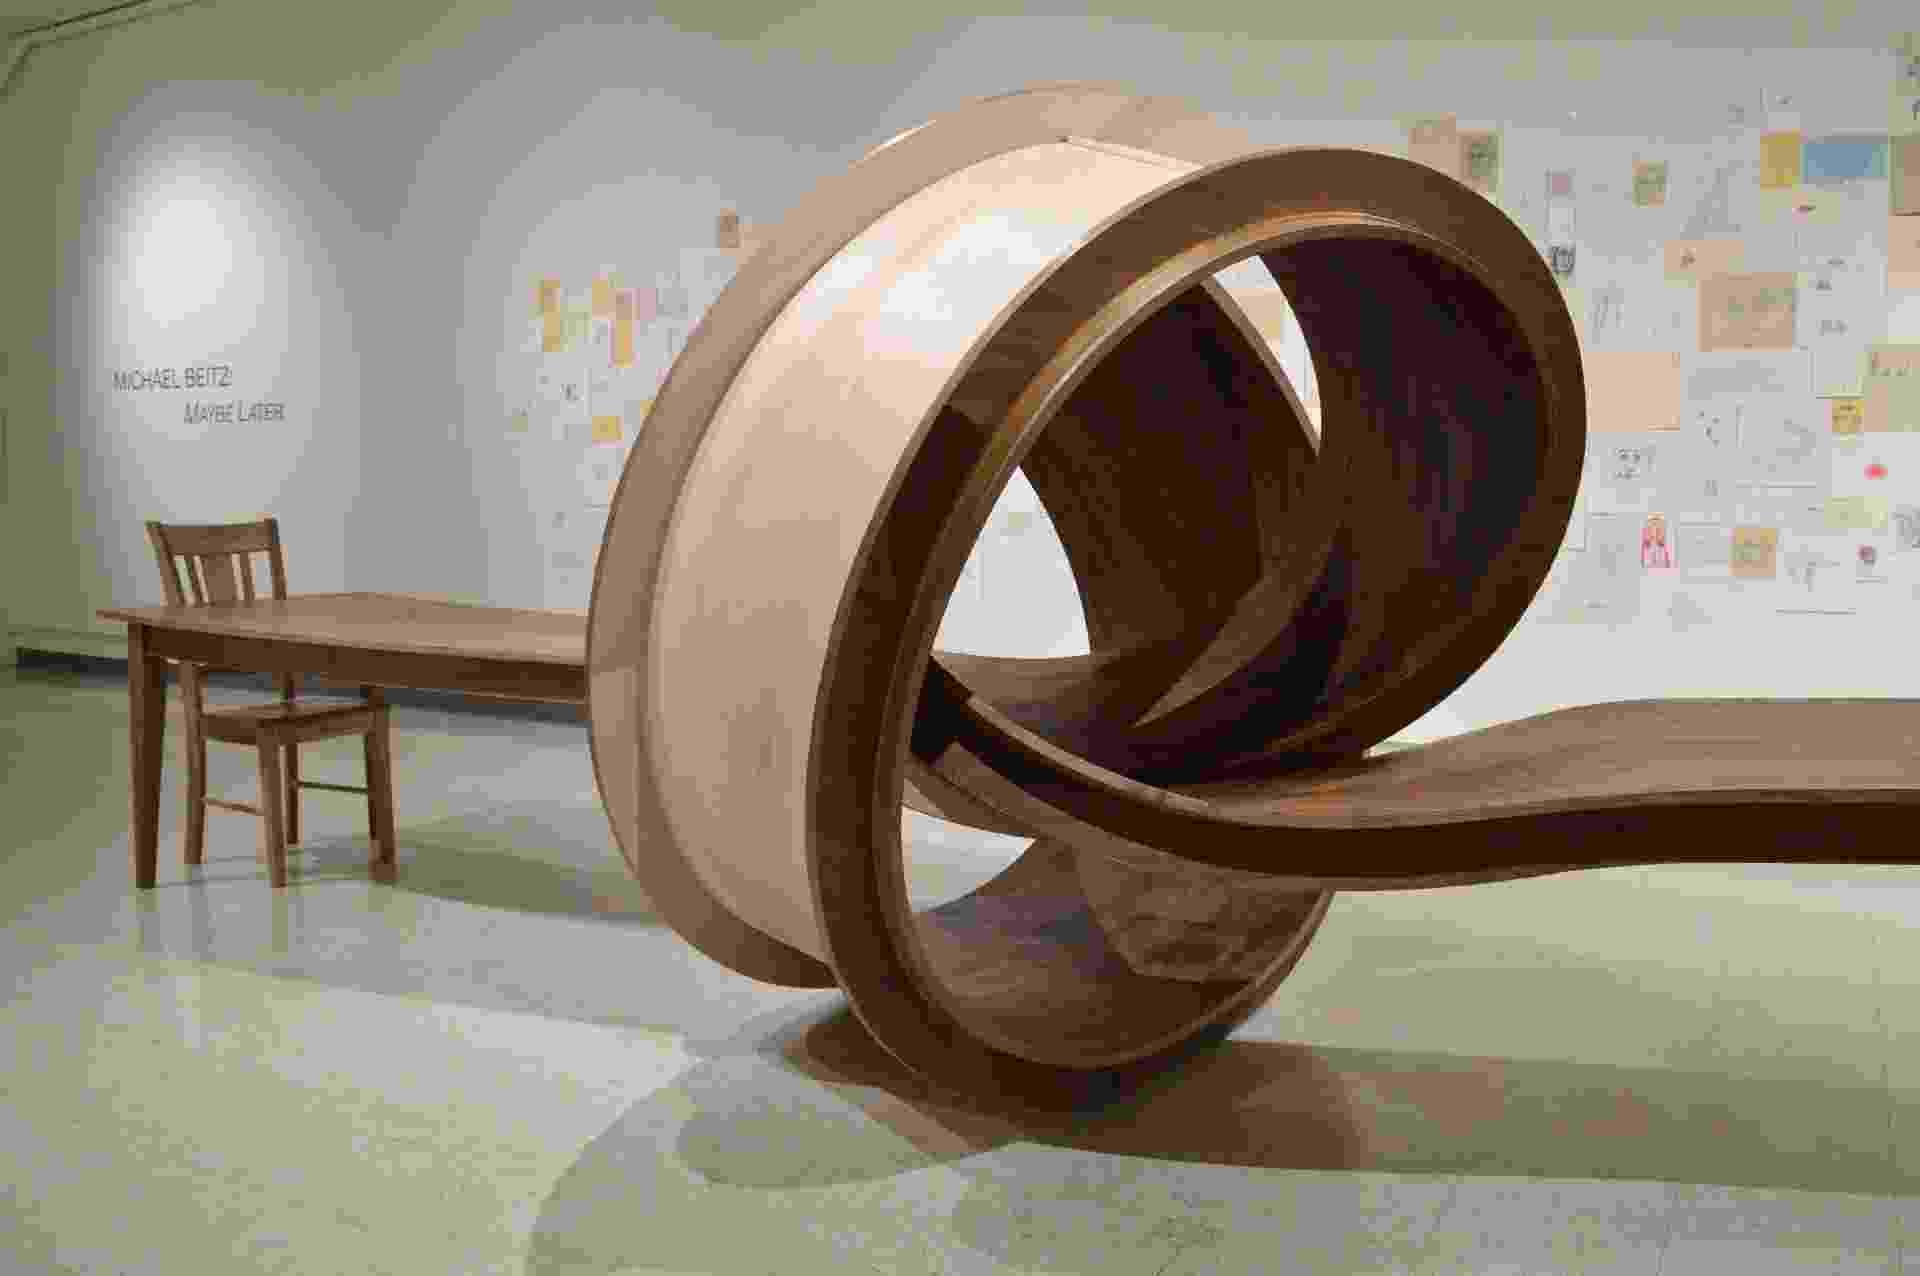 """O artista plástico e designer Michael Beitz cria esculturas a partir de suas observações sobre a vida. As referências para as obras são os movimentos, comportamentos e padrões humanos traduzidos em """"móveis surreais"""": """"Quando uma imagem não sai da minha cabeça, transformo-a em um objeto. A tradução das ideias em formas podem levar meses ou anos"""", afirma - Divulgação"""